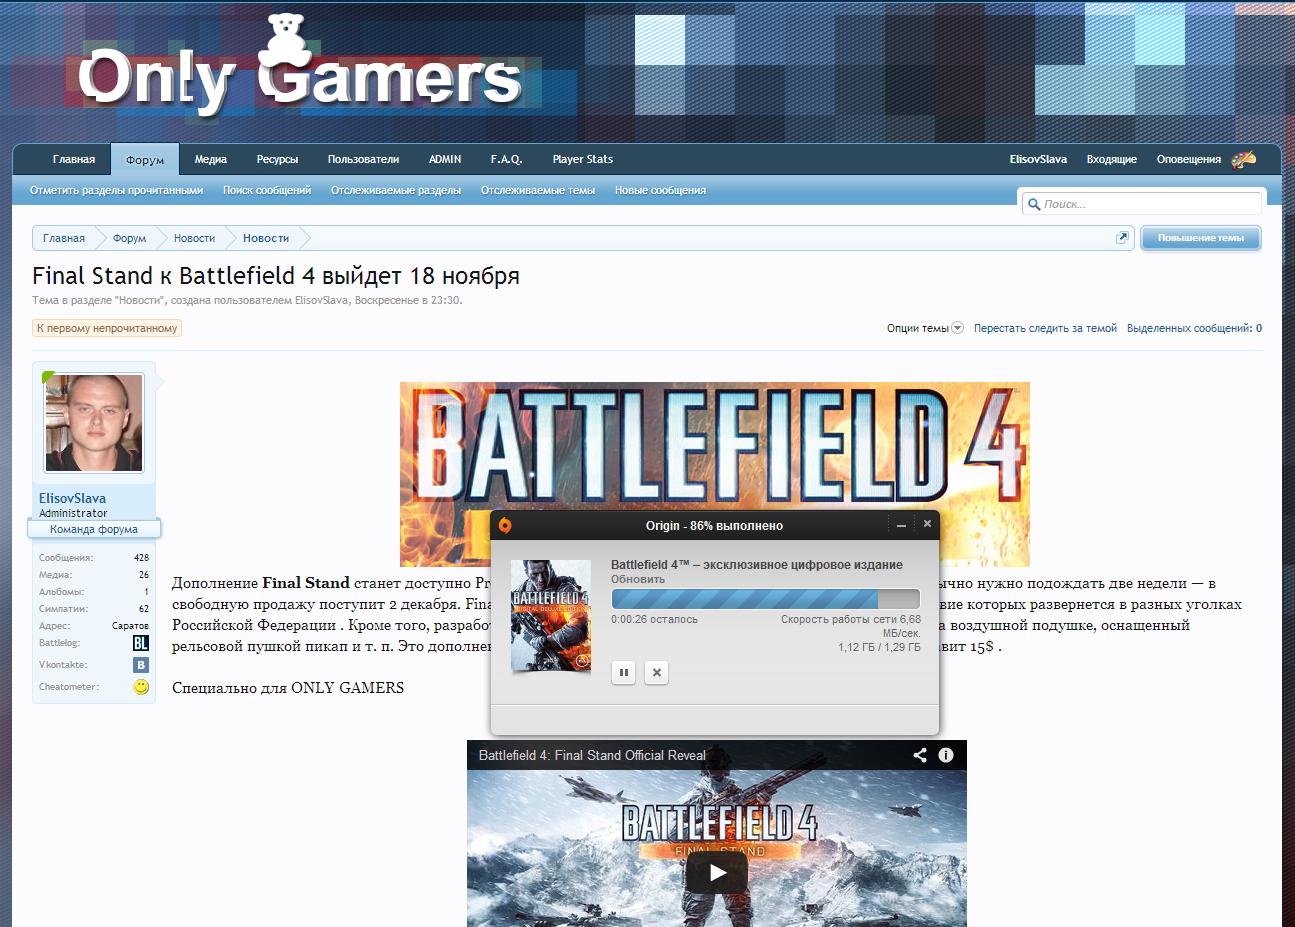 2014-11-18 12-00-36 Скриншот экрана.png